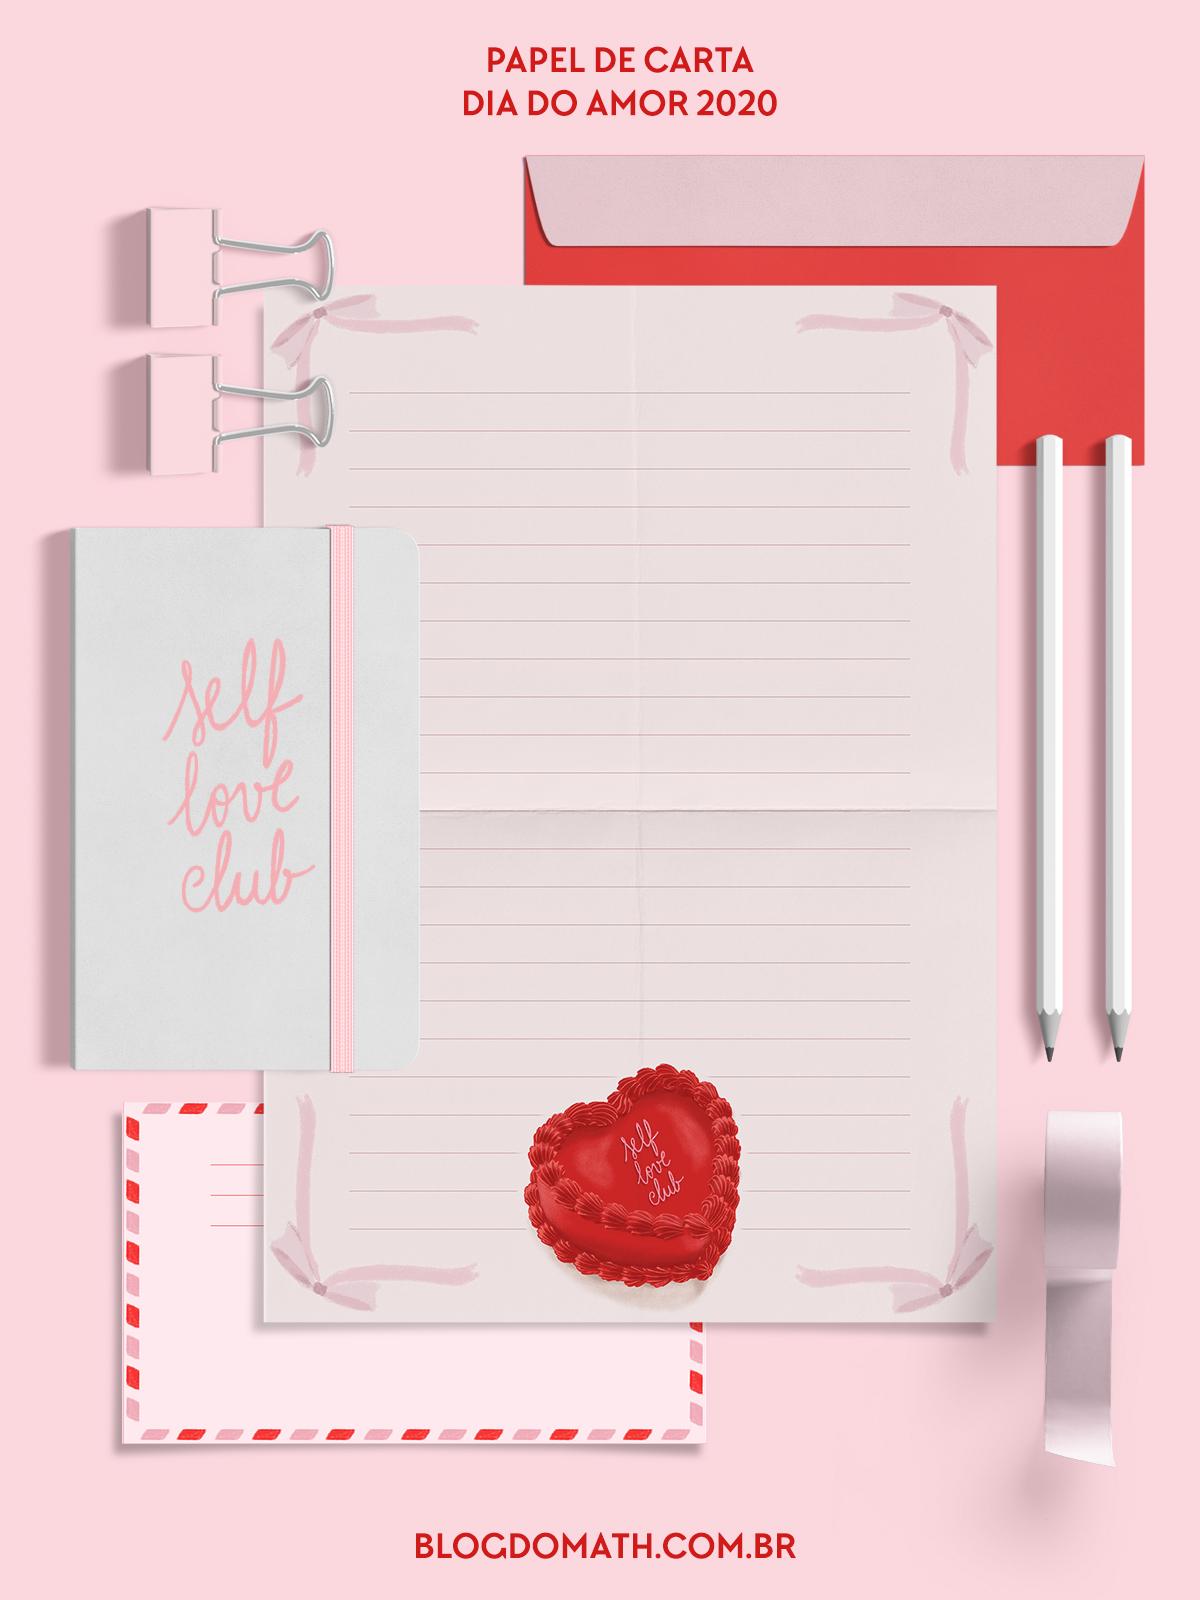 papel de carta vintage decorado dia dos namorados para imprimir - presente dia dos namorados 2020 quarentena - blog do math